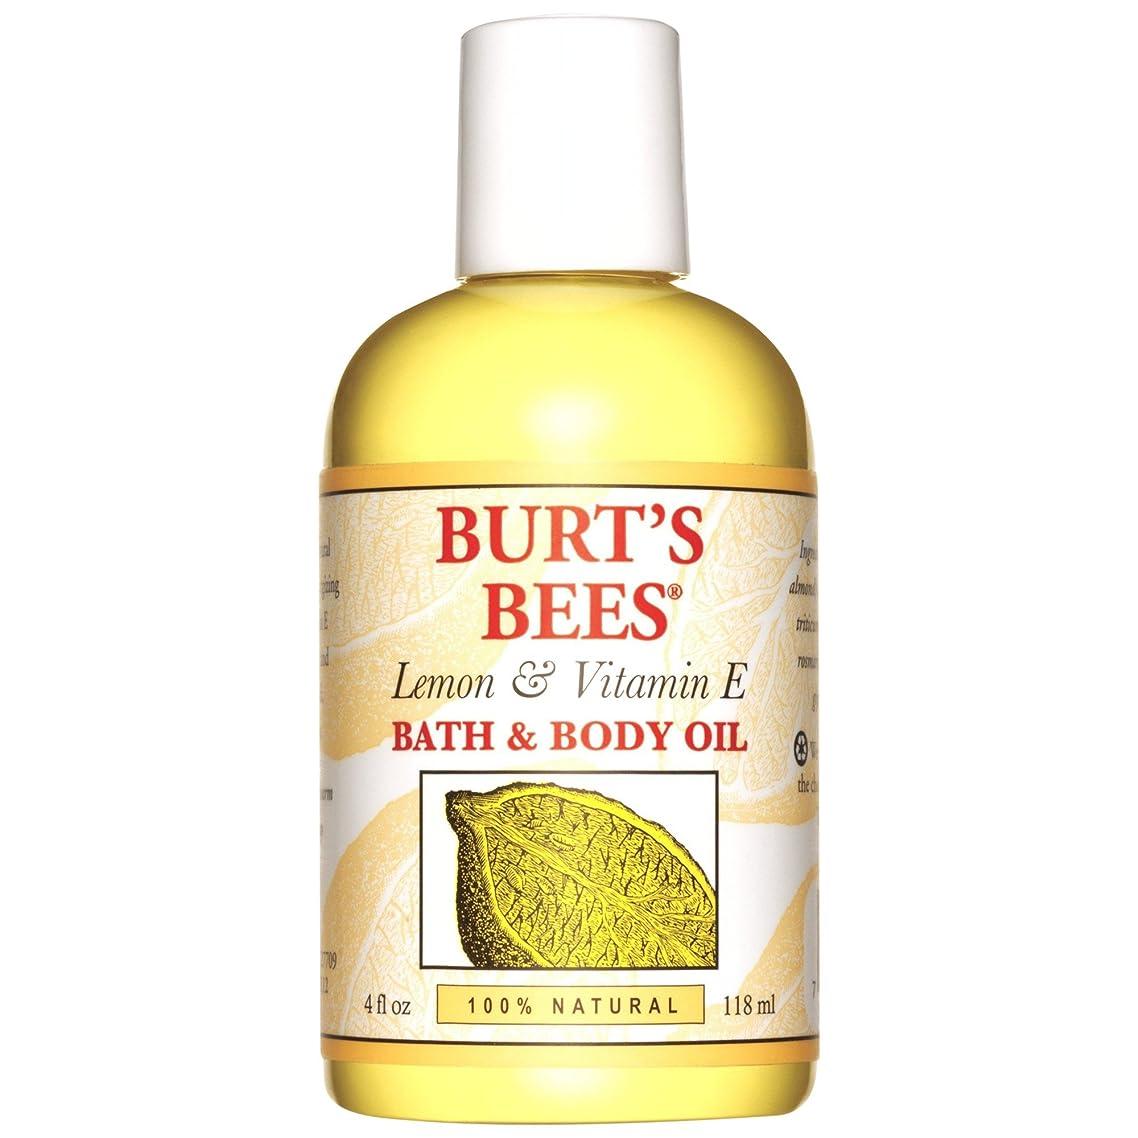 拘束結婚する到着するバーツビーレモンとビタミンEバス、ボディオイル118ミリリットル (Burt's Bees) (x2) - Burt's Bees Lemon and Vitamin E Bath and Body Oil 118ml (Pack of 2) [並行輸入品]